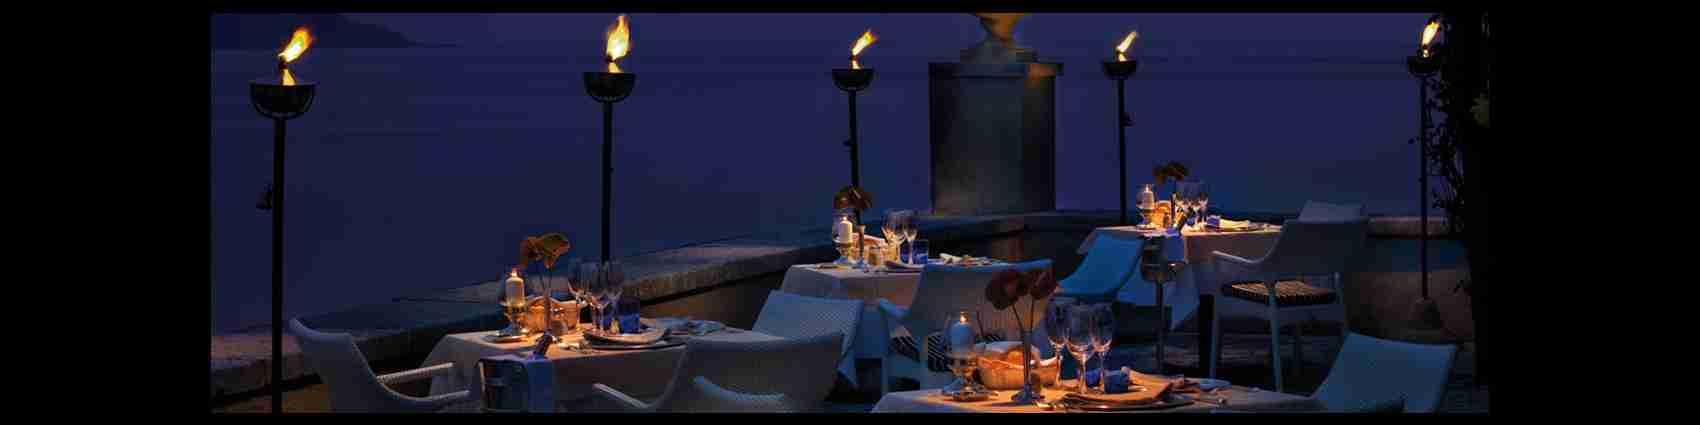 I ristoranti di Brescia o sul Lago di Garda sono il luogo perfetto per una cena romantica a lume di candela. Magica Escort